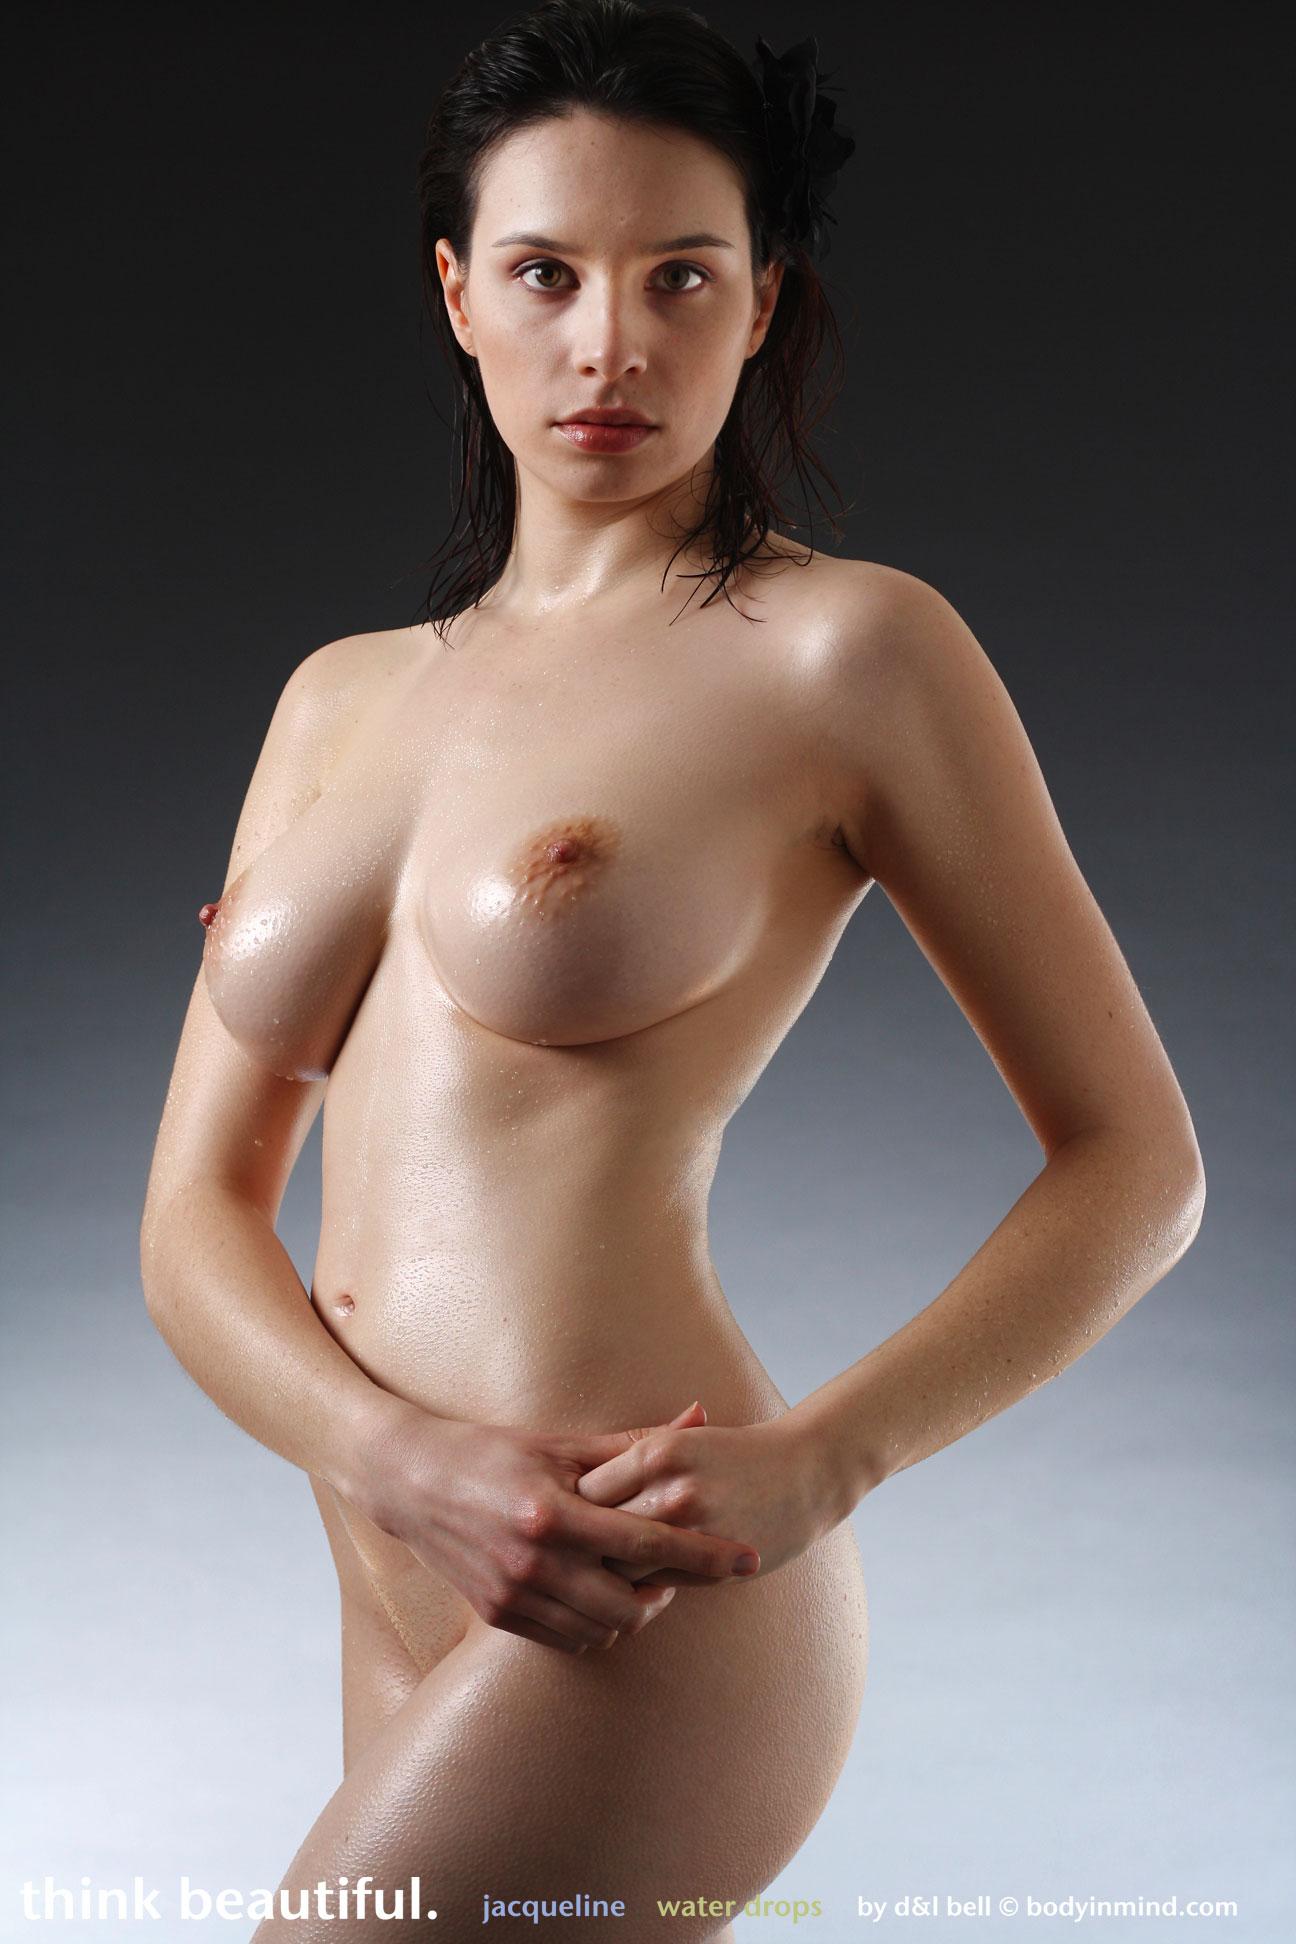 best girl nude in movies scenes